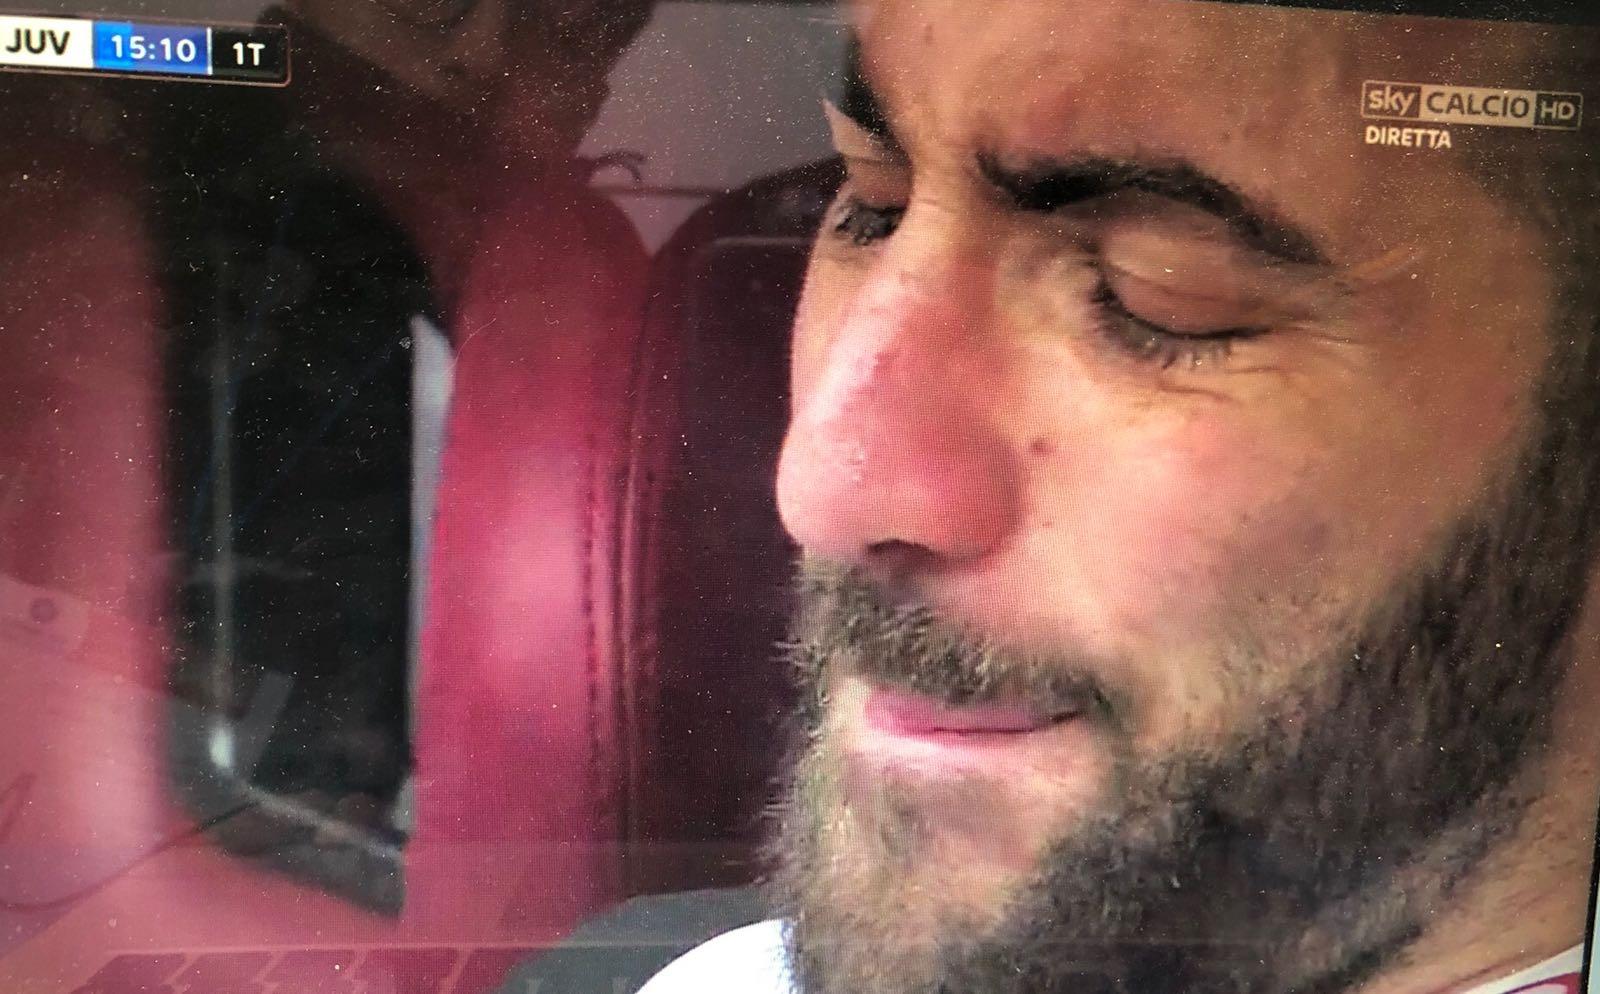 Torino-Juve: Higuain, sembra solo una botta. Attesi gli esami alla caviglia